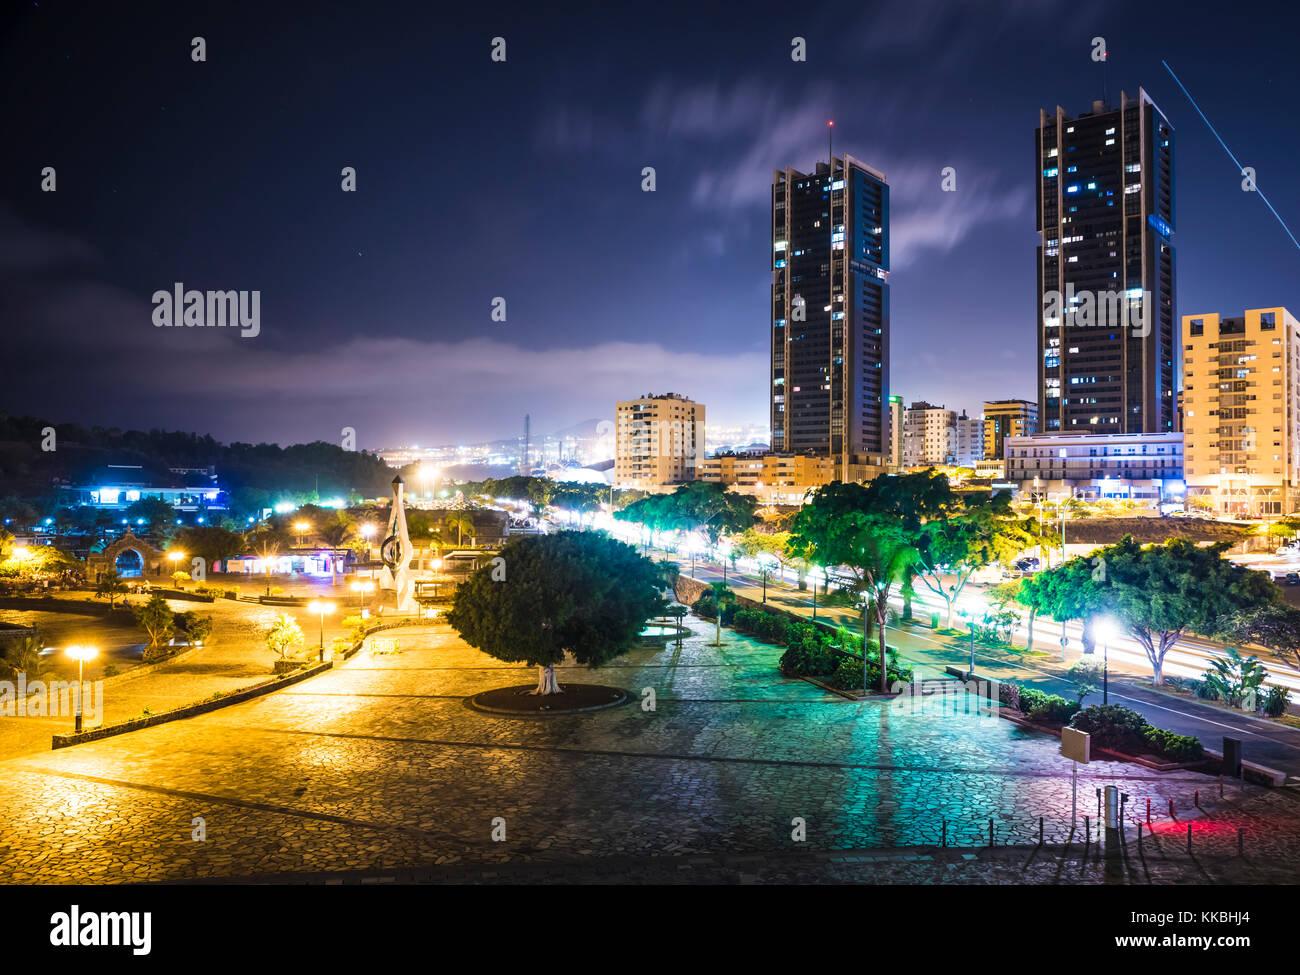 night-photo-looking-along-avenida-la-con